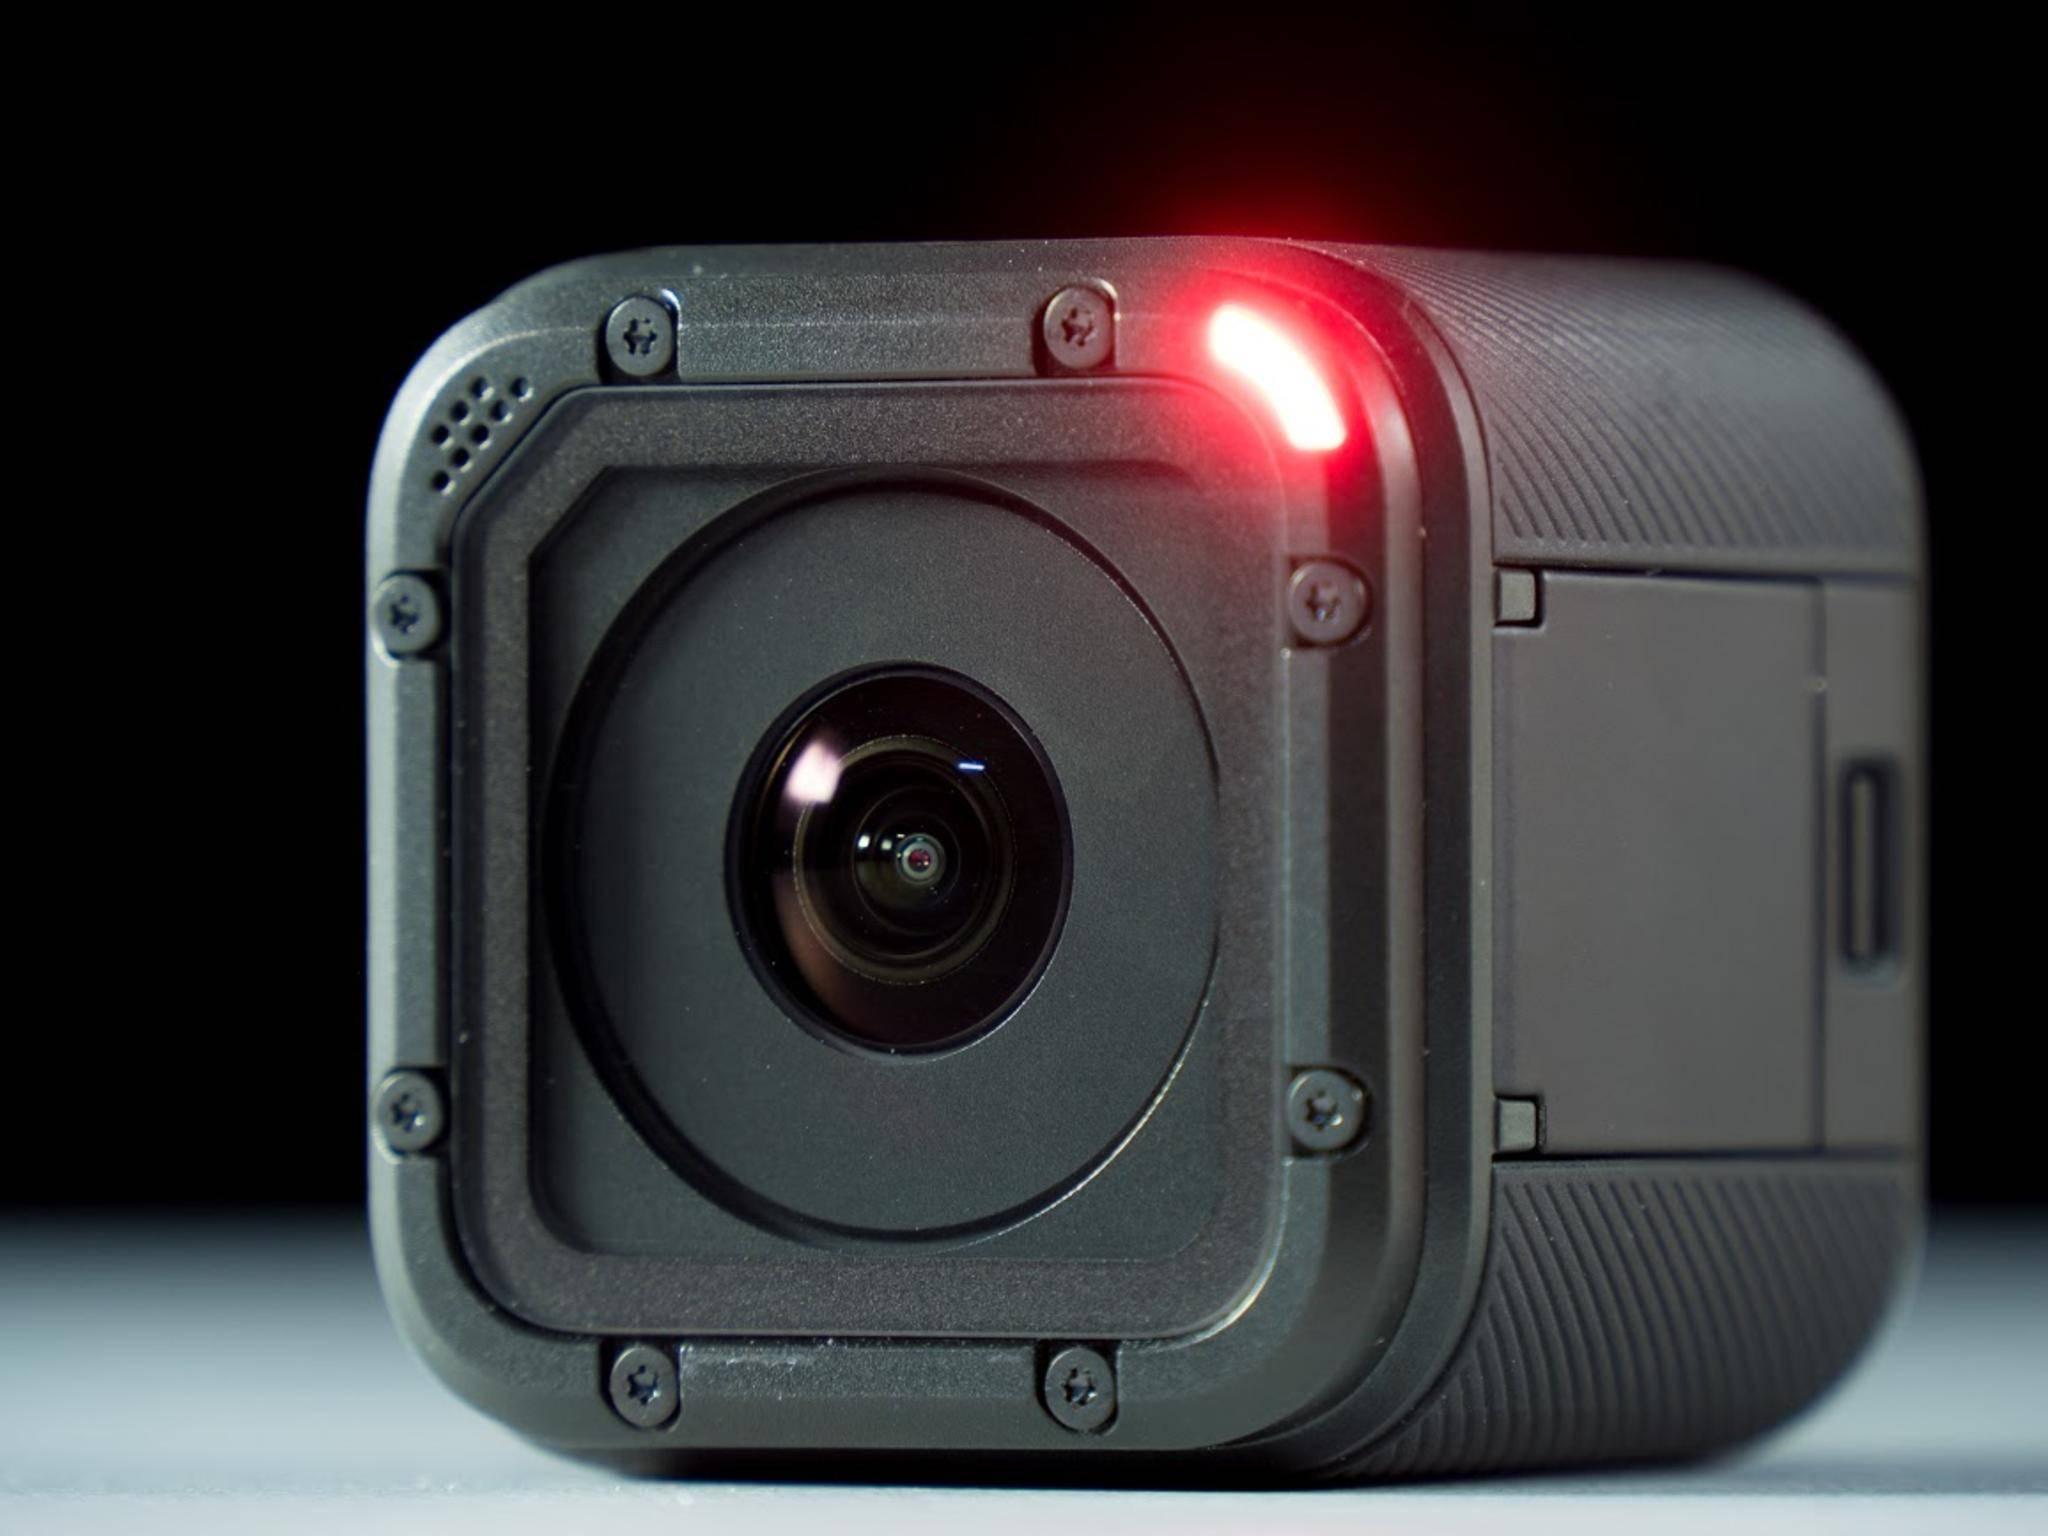 Die GoPro Hero 4 Session: Der Hersteller will jetzt auch eine 360-Grad-Kamera auf den Markt bringen.